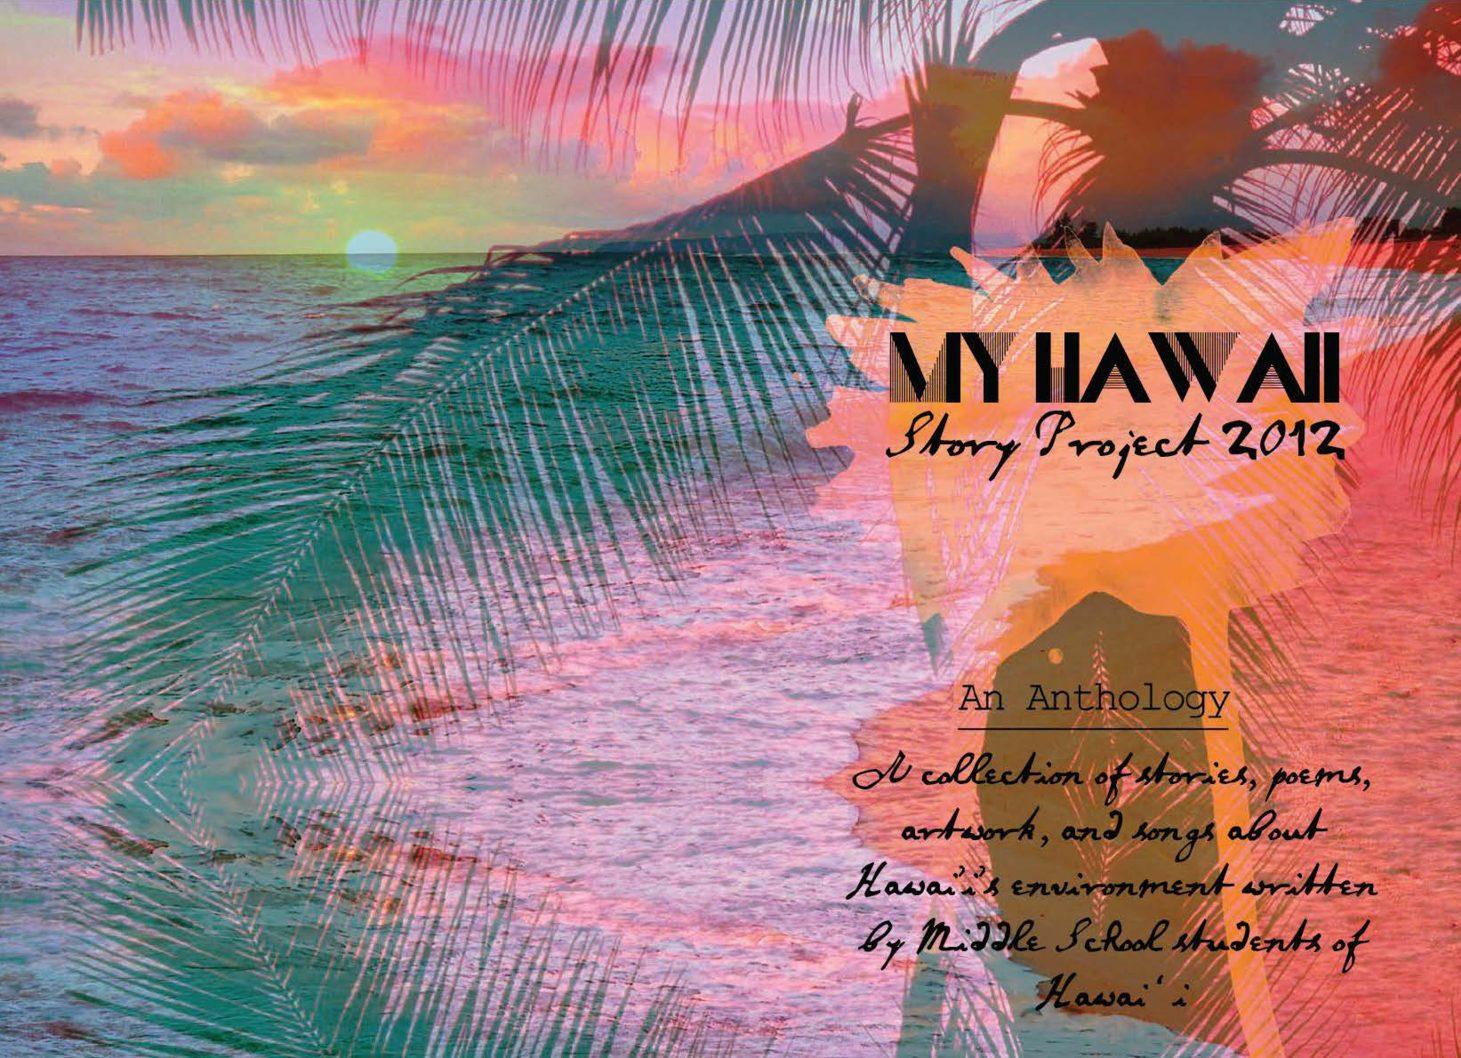 My Hawai'i Story Project 2012